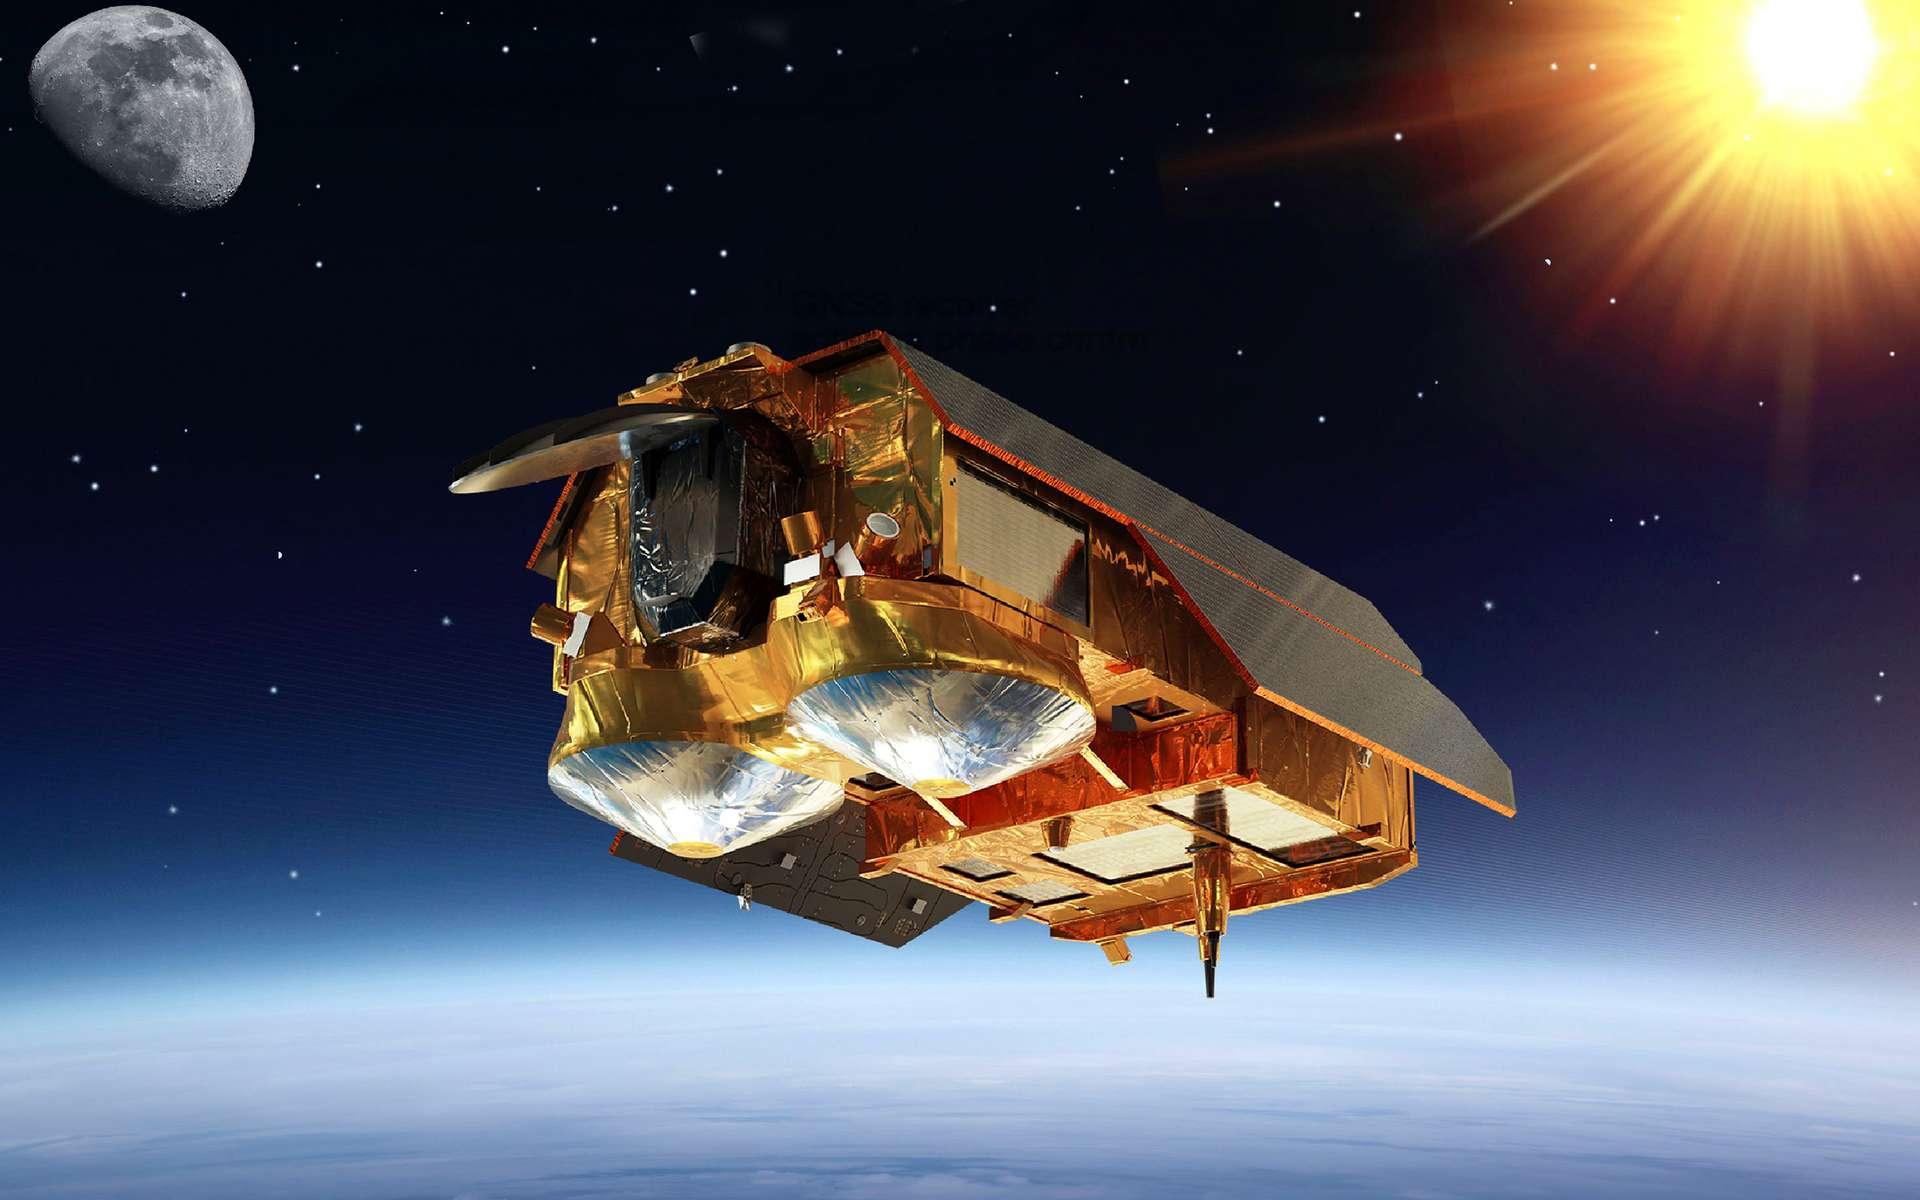 Vue d'artiste du satellite d'observation de la Terre Cristal. Réalisé par Airbus et Thales Alenia Space, ce satellite aura pour principaux objectifs la topographie des glaces et des neiges polaires. © Airbus